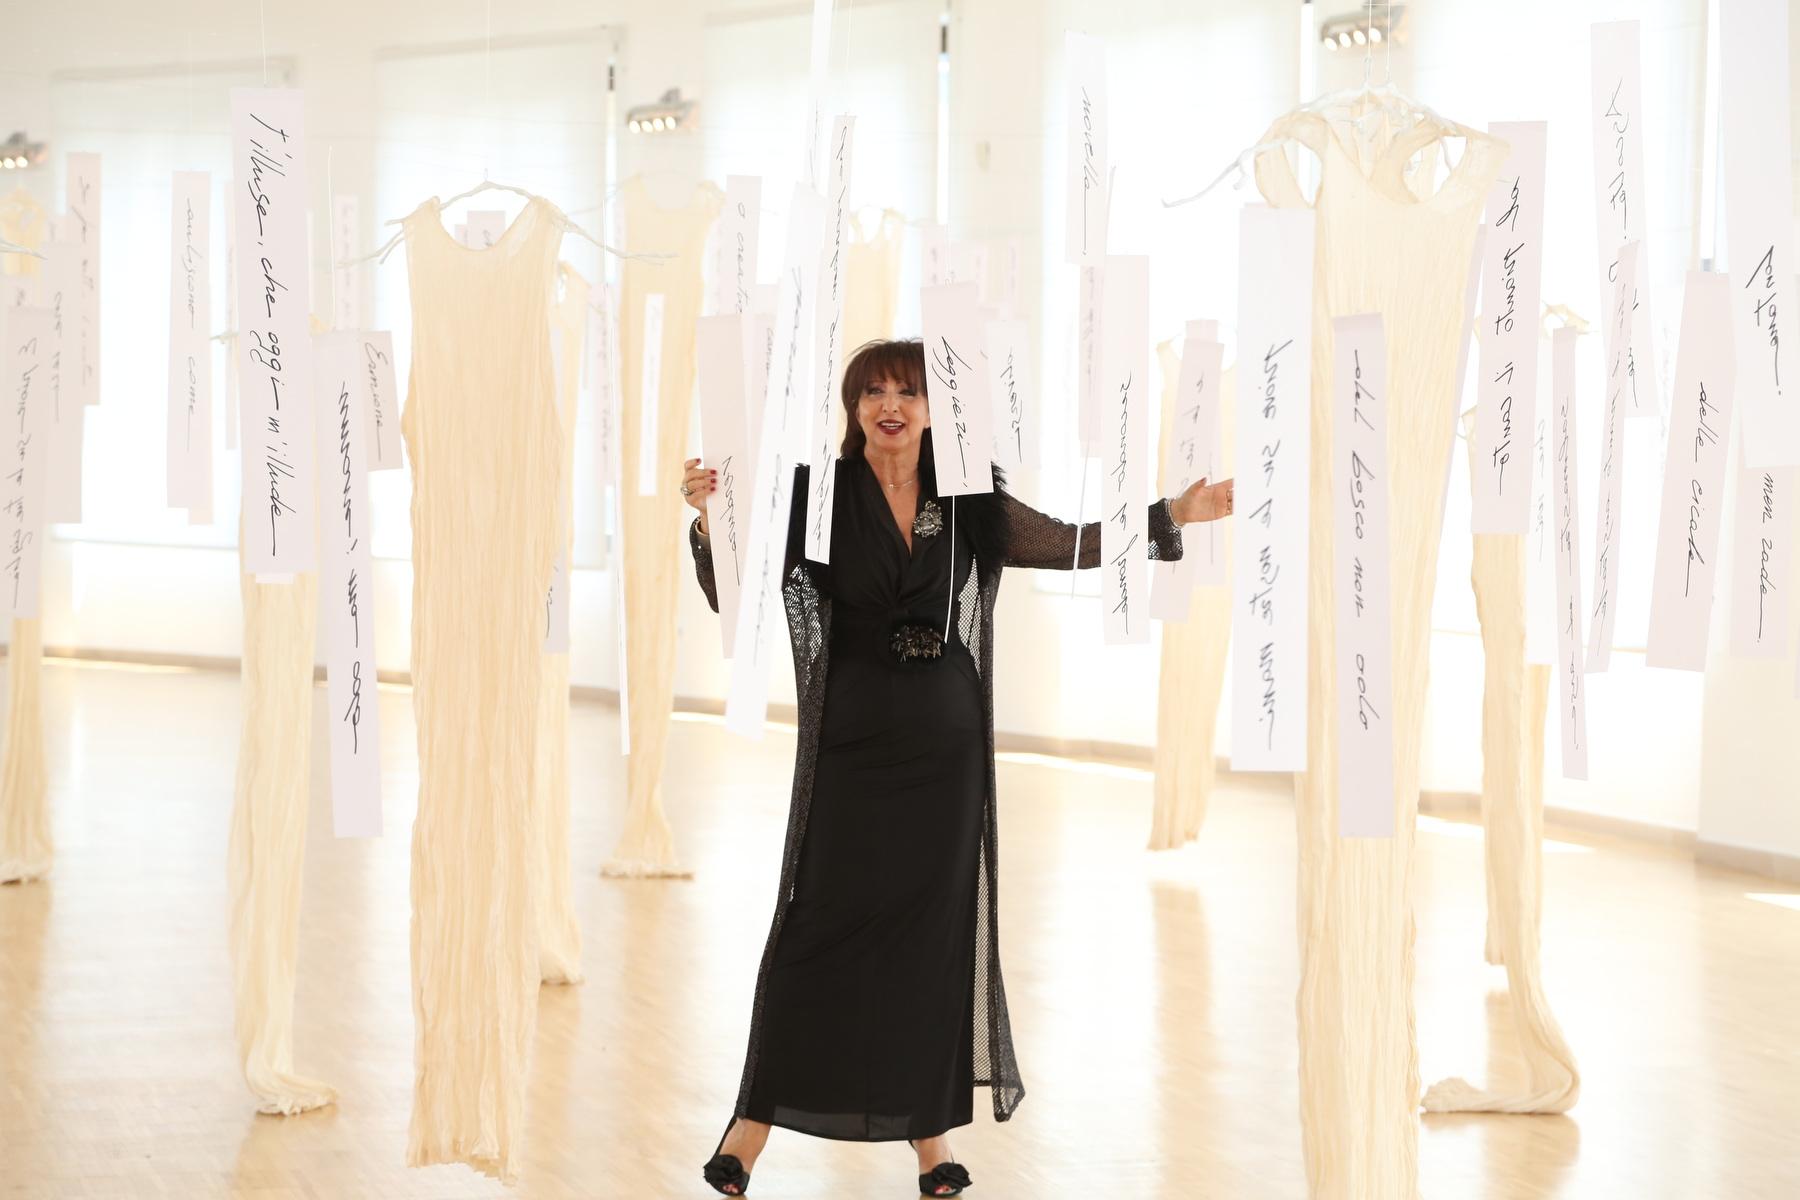 Daniela Musini interpreta, presso l'Aurum a Pescara, all'interno dell'installazione artistica di Antonella Cinelli, la pioggia nel pineto